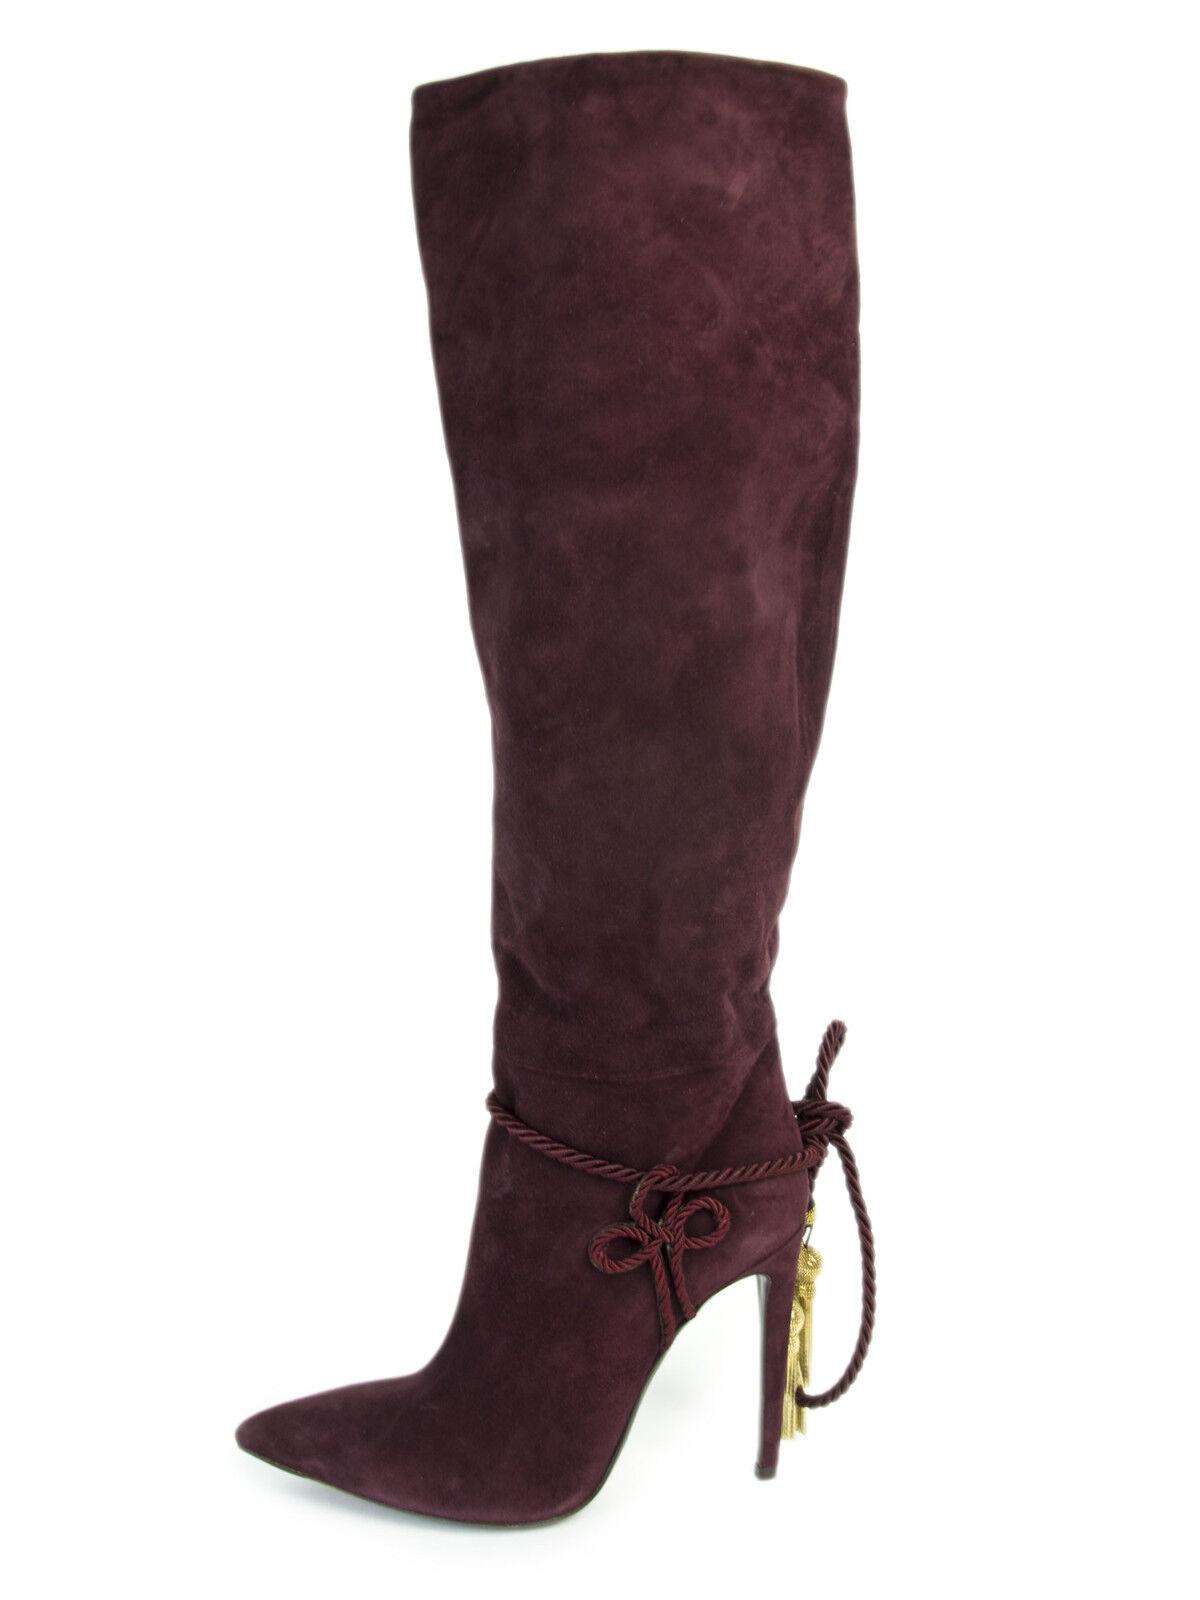 Ralph Lauren Violet Étiquette Talisse Bordeaux Franges en en en Daim Bottes Taille 8 8cdb17